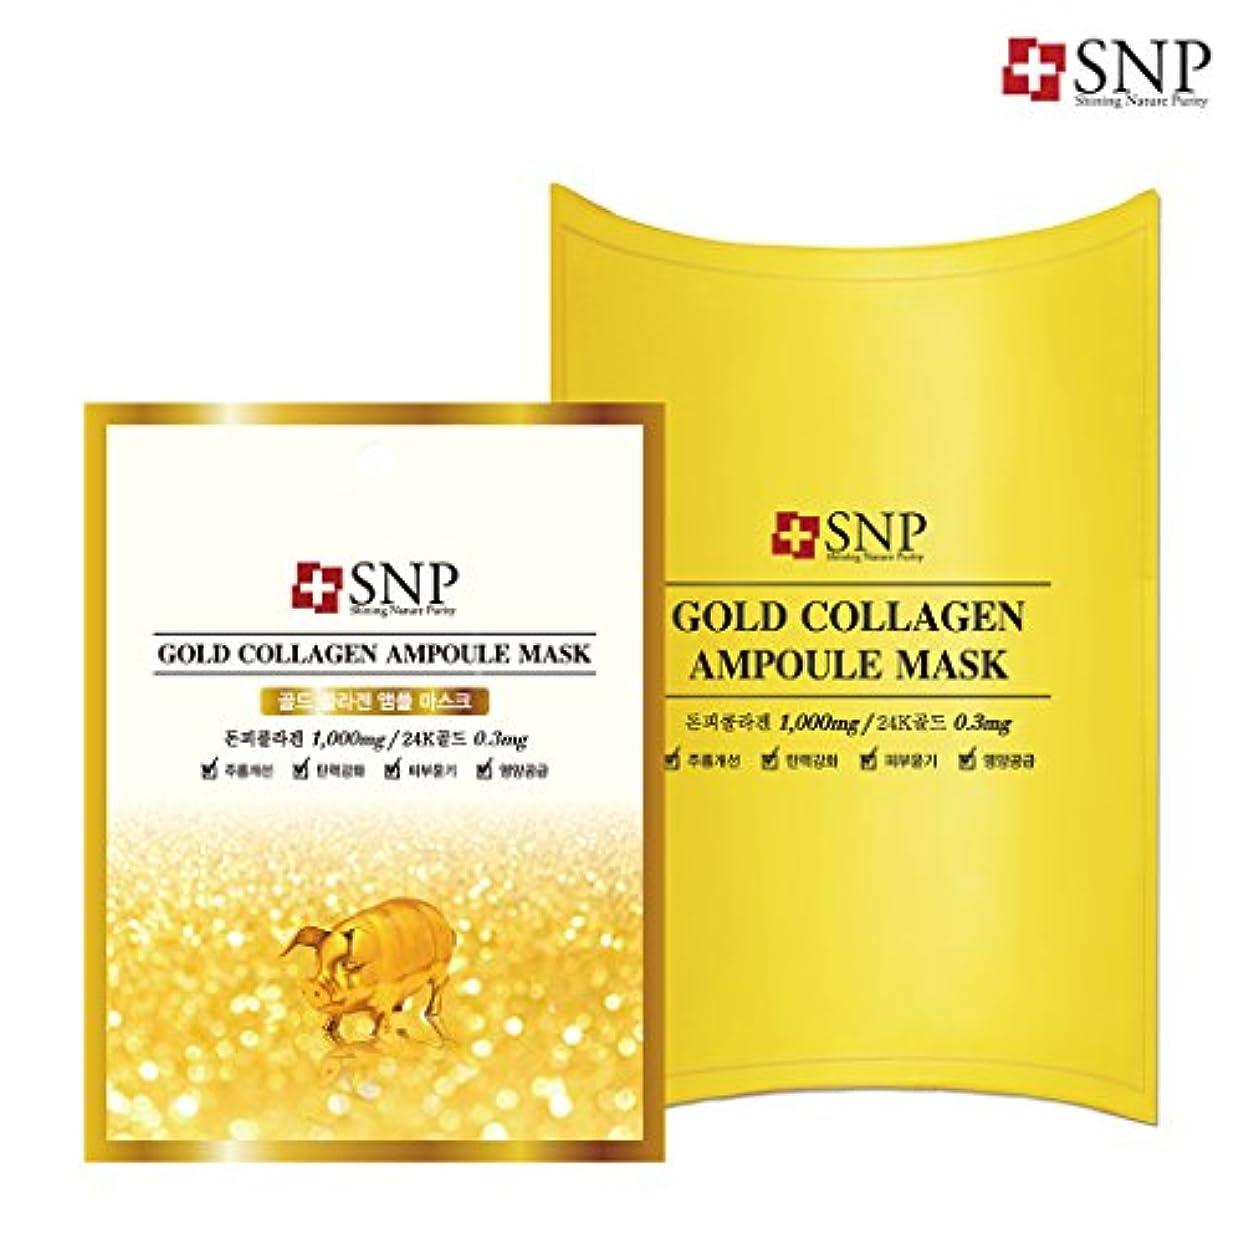 スペイン語改革者SNP ゴールド コラーゲン アンプル マスク 10枚/GOLD COLLAGEN AMPOULE MASK 10EA[海外直送品]